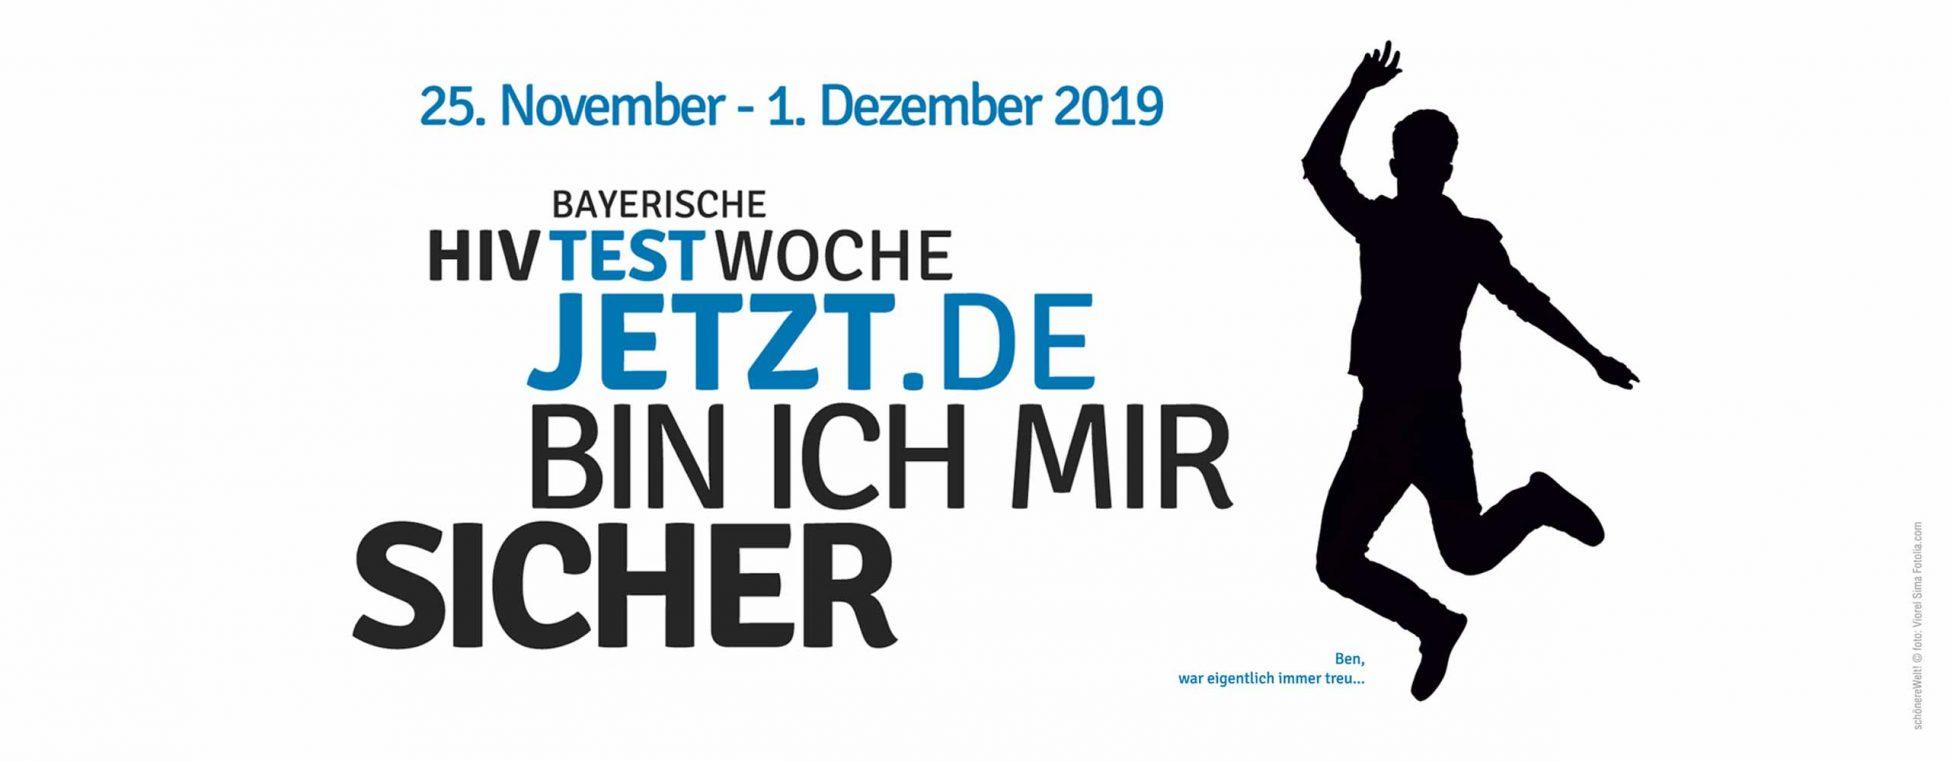 HIV Testwoche vom 25. November bis 1. Dezember 2019. Testjetzt.de. Jetzt bin ich mir sicher. Figur